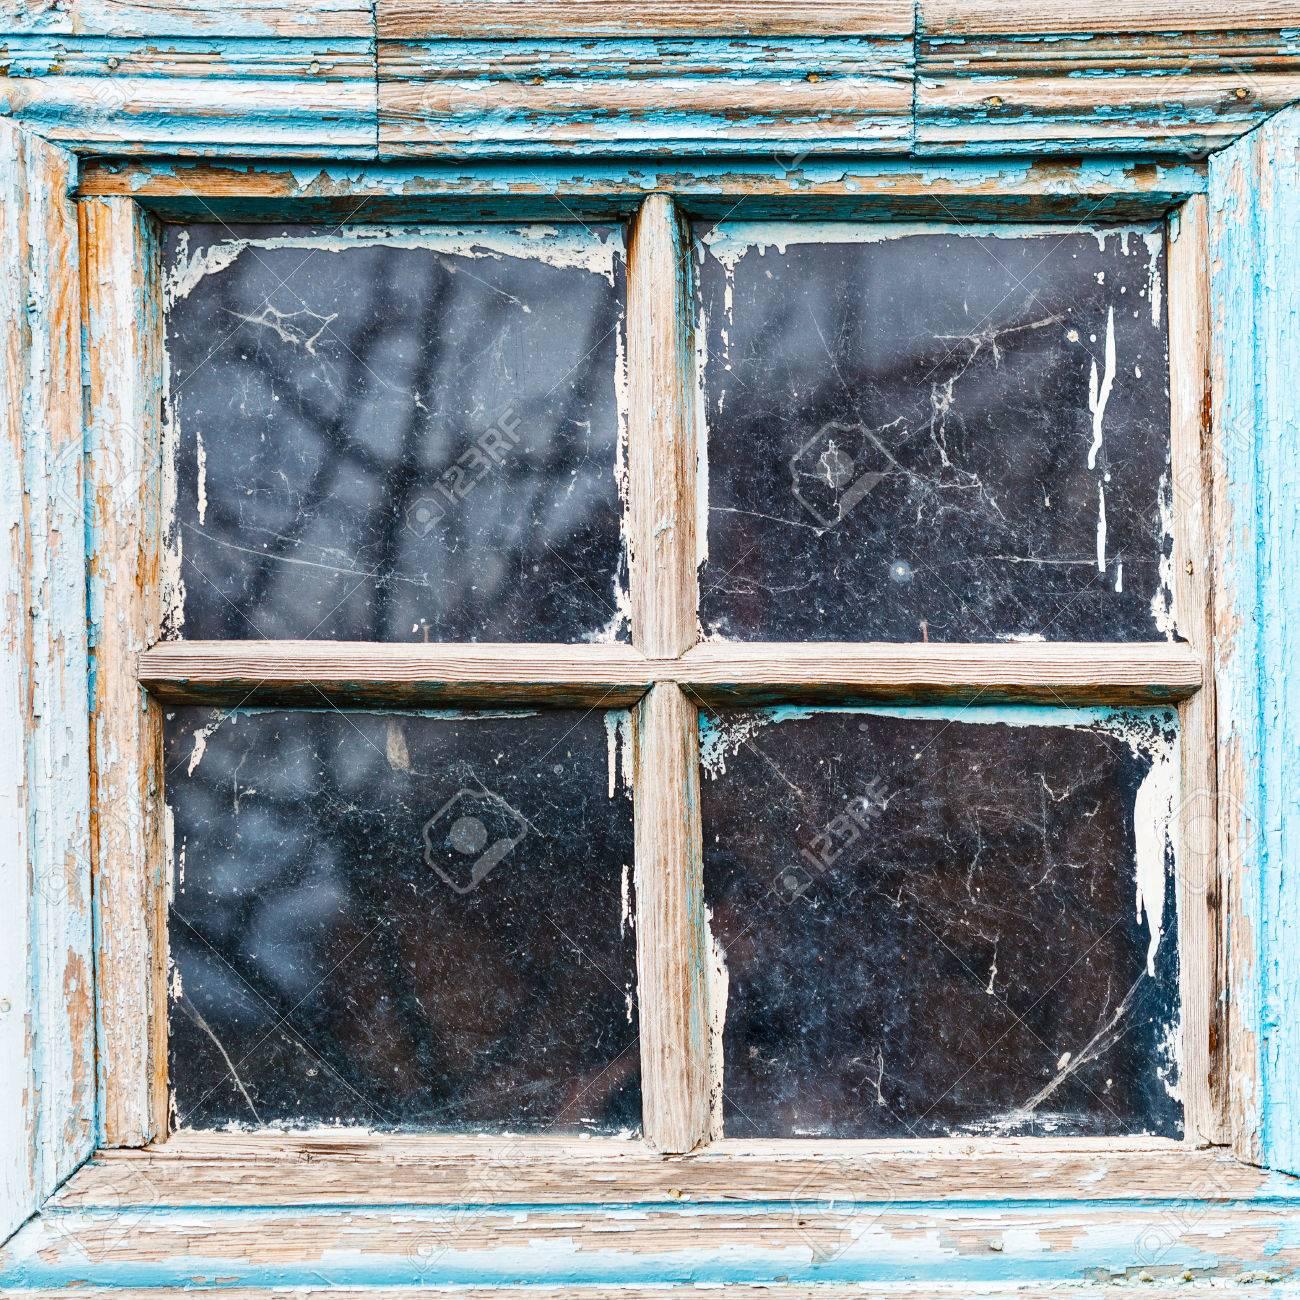 Ancien Cadre De Fenêtre En Bois Minable Avec Des Lunettes Sales